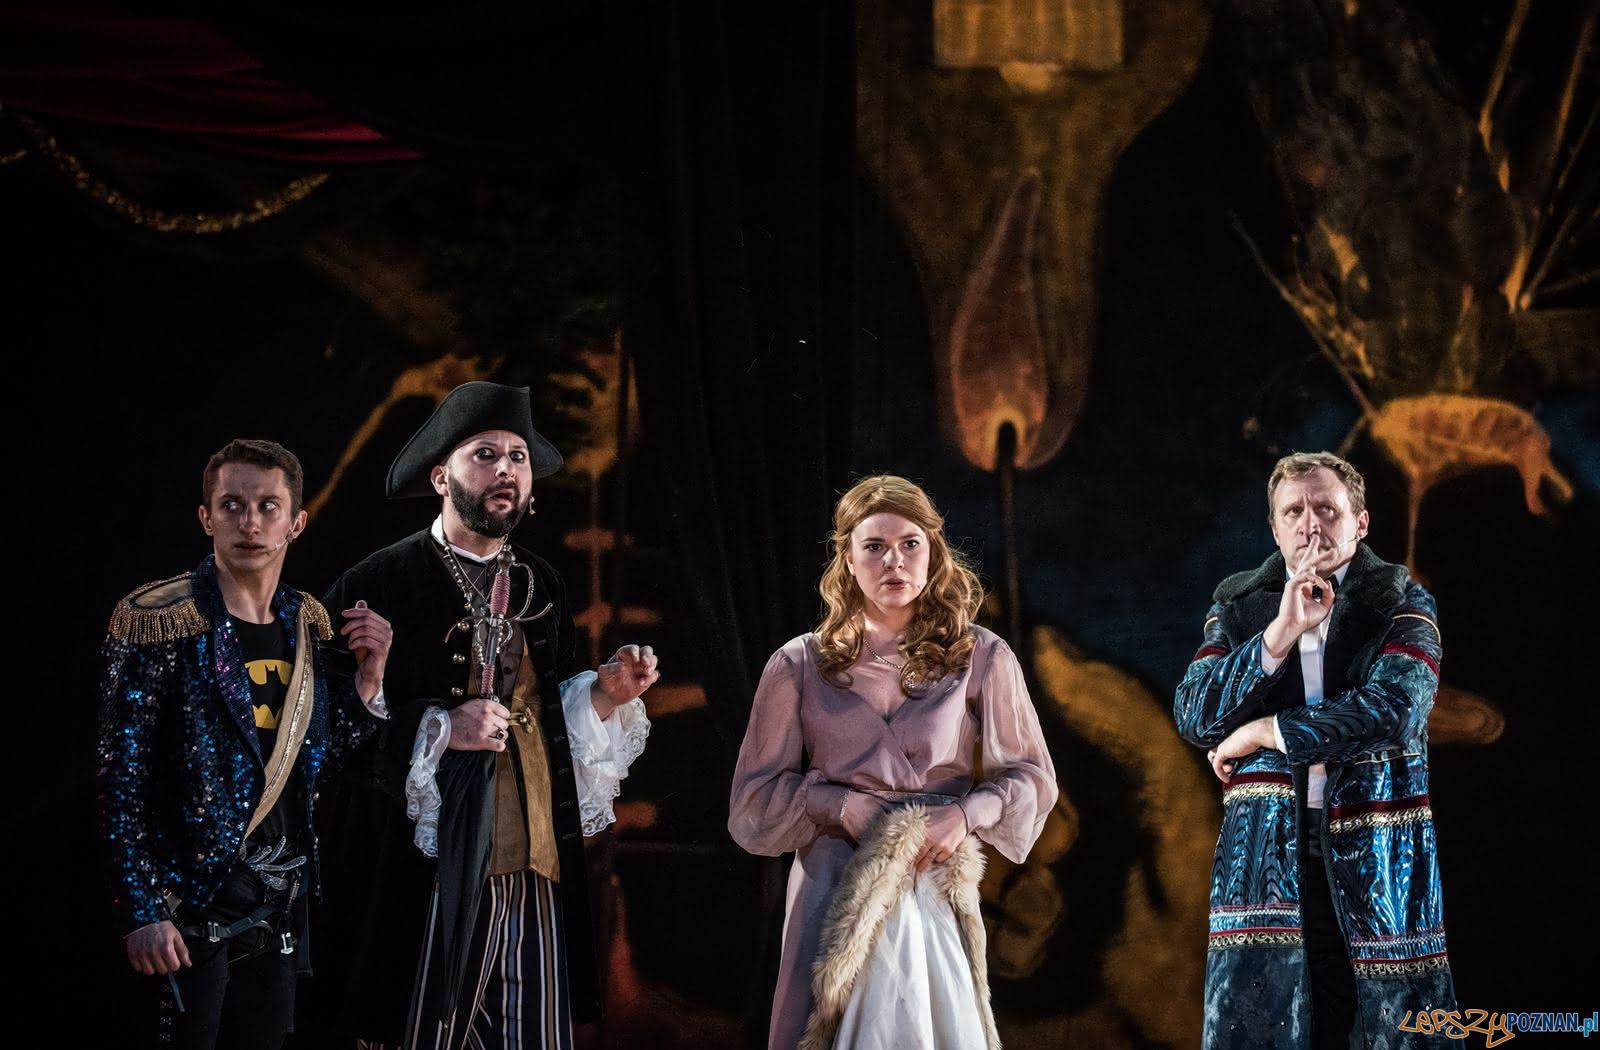 27 grudnia - spektakl w Teatrze Polskim  Foto: Magdy Hueckel / materiały prasowe Teatru Polskiego